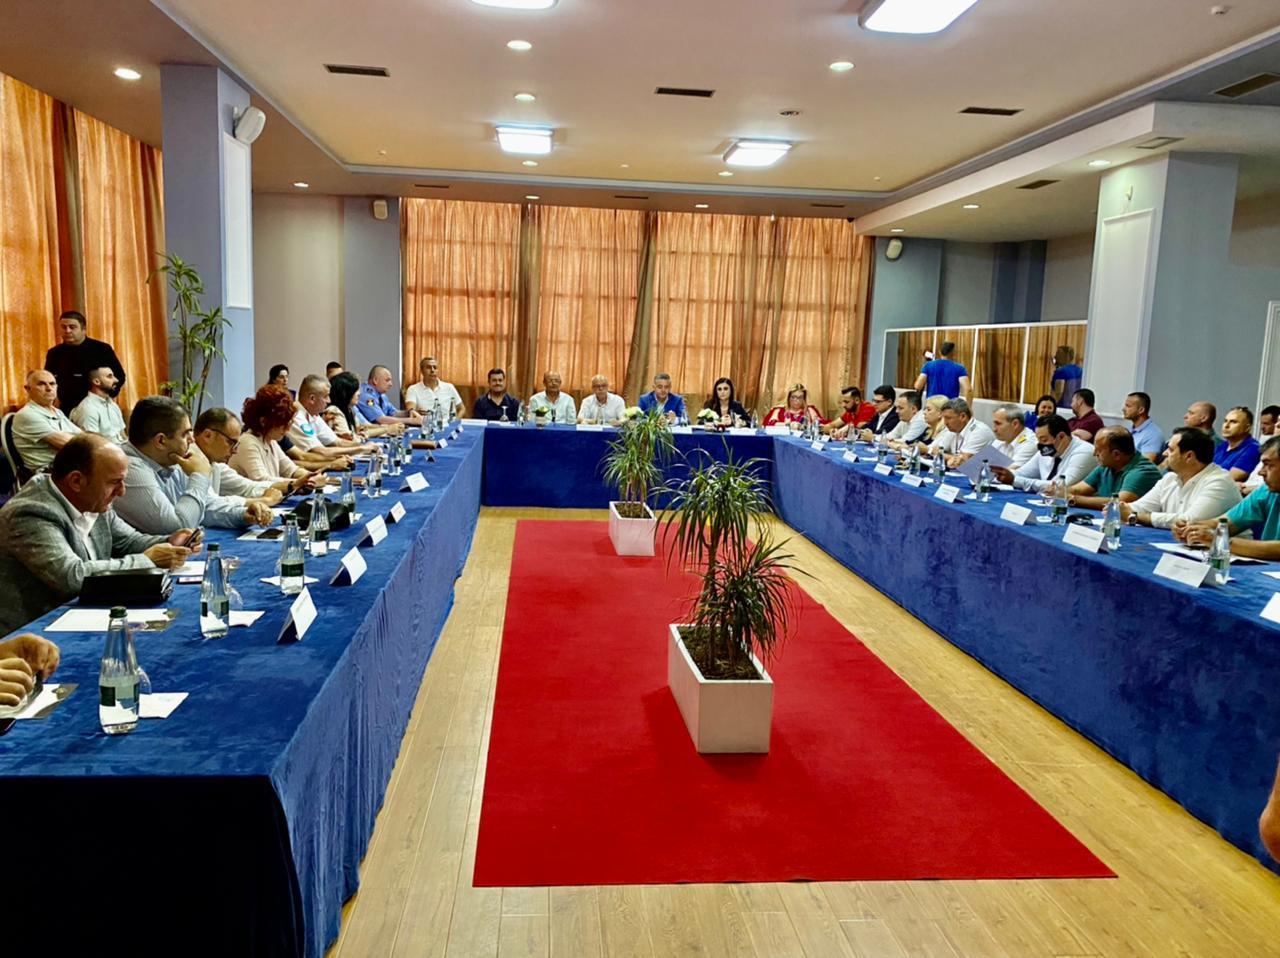 Mblidhet Komiteti i Turizmit në Durrës, diskutohen problematikat e sezonit dhe objektivat për të garantuar mbarëvajtjen e tij